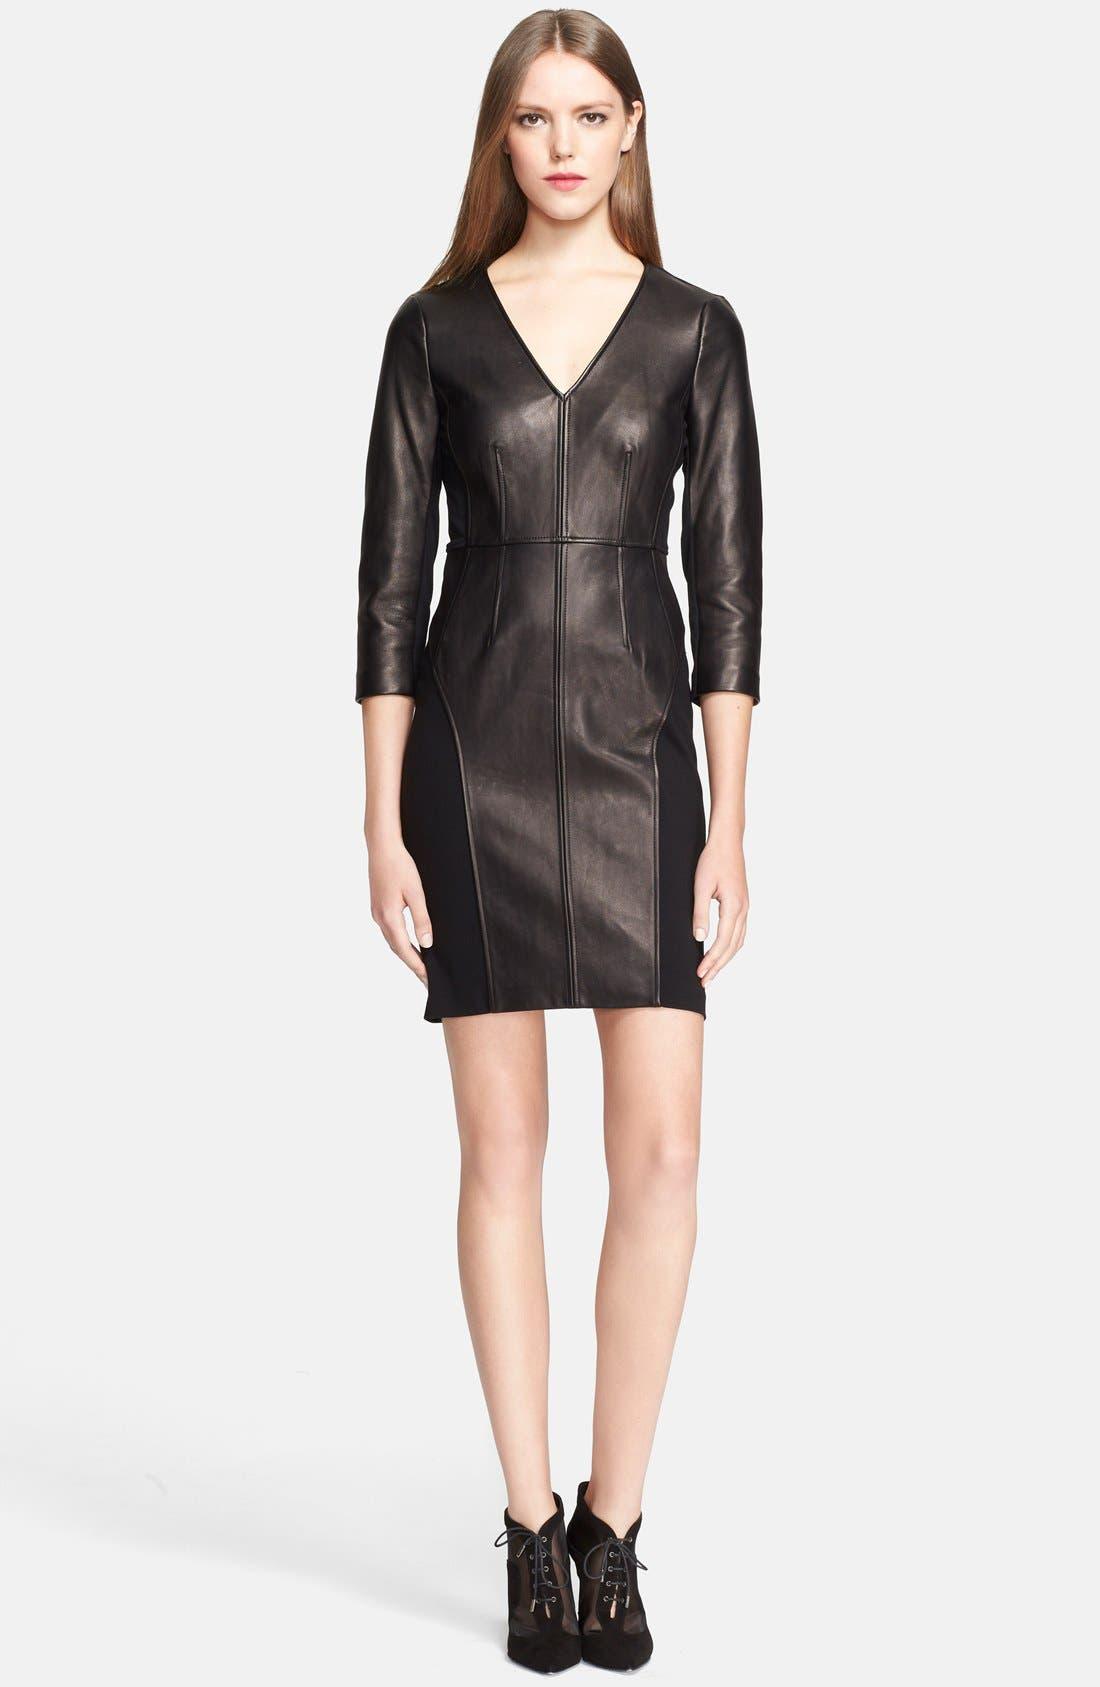 Alternate Image 1 Selected - Diane von Furstenberg Leather Shift Dress